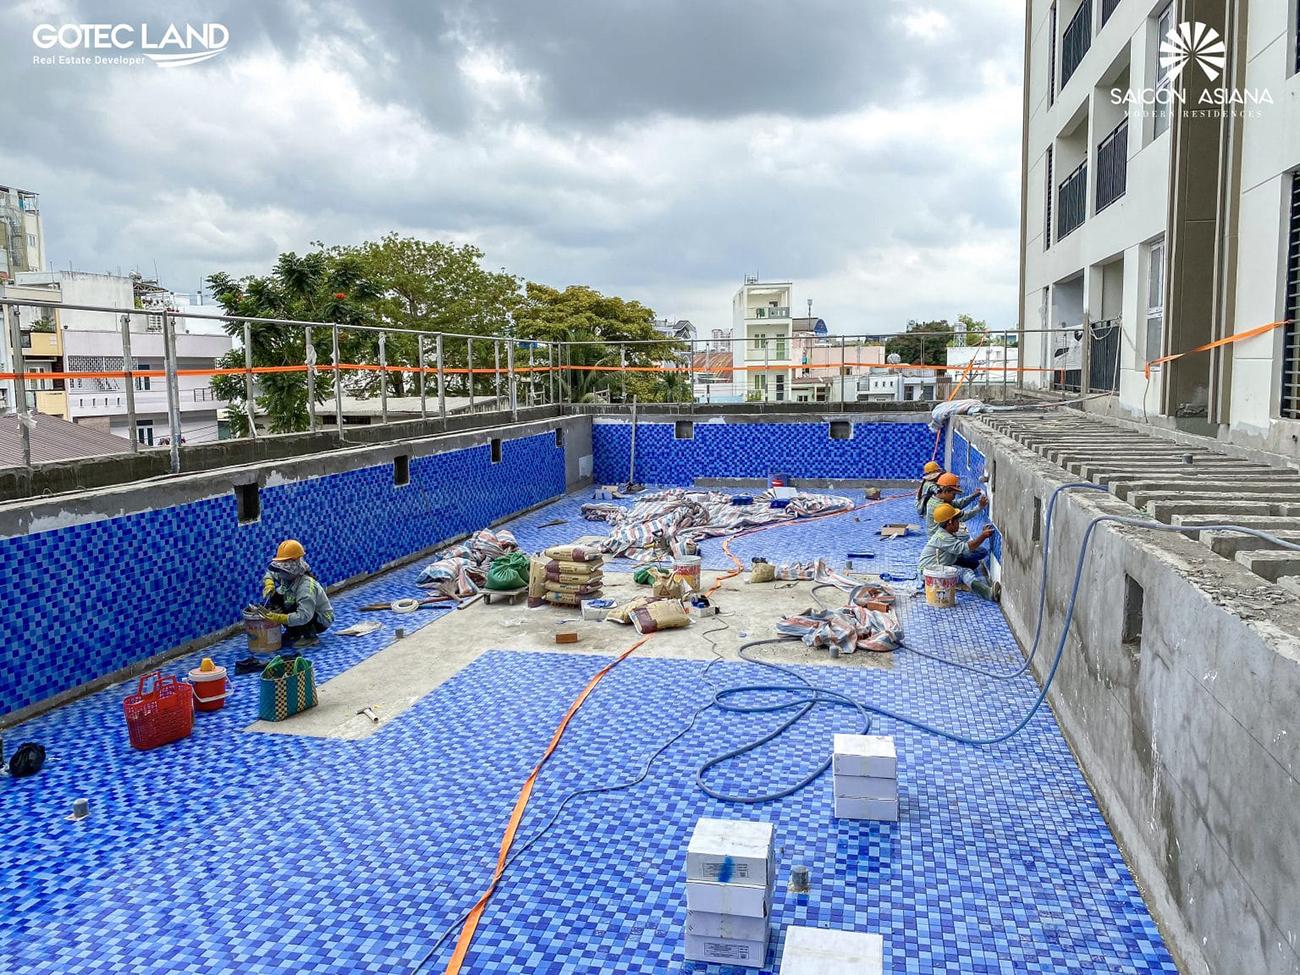 Tiến độ xây dựng dự án căn hộ Saigon Asiana Quận 6 tháng 03/2021